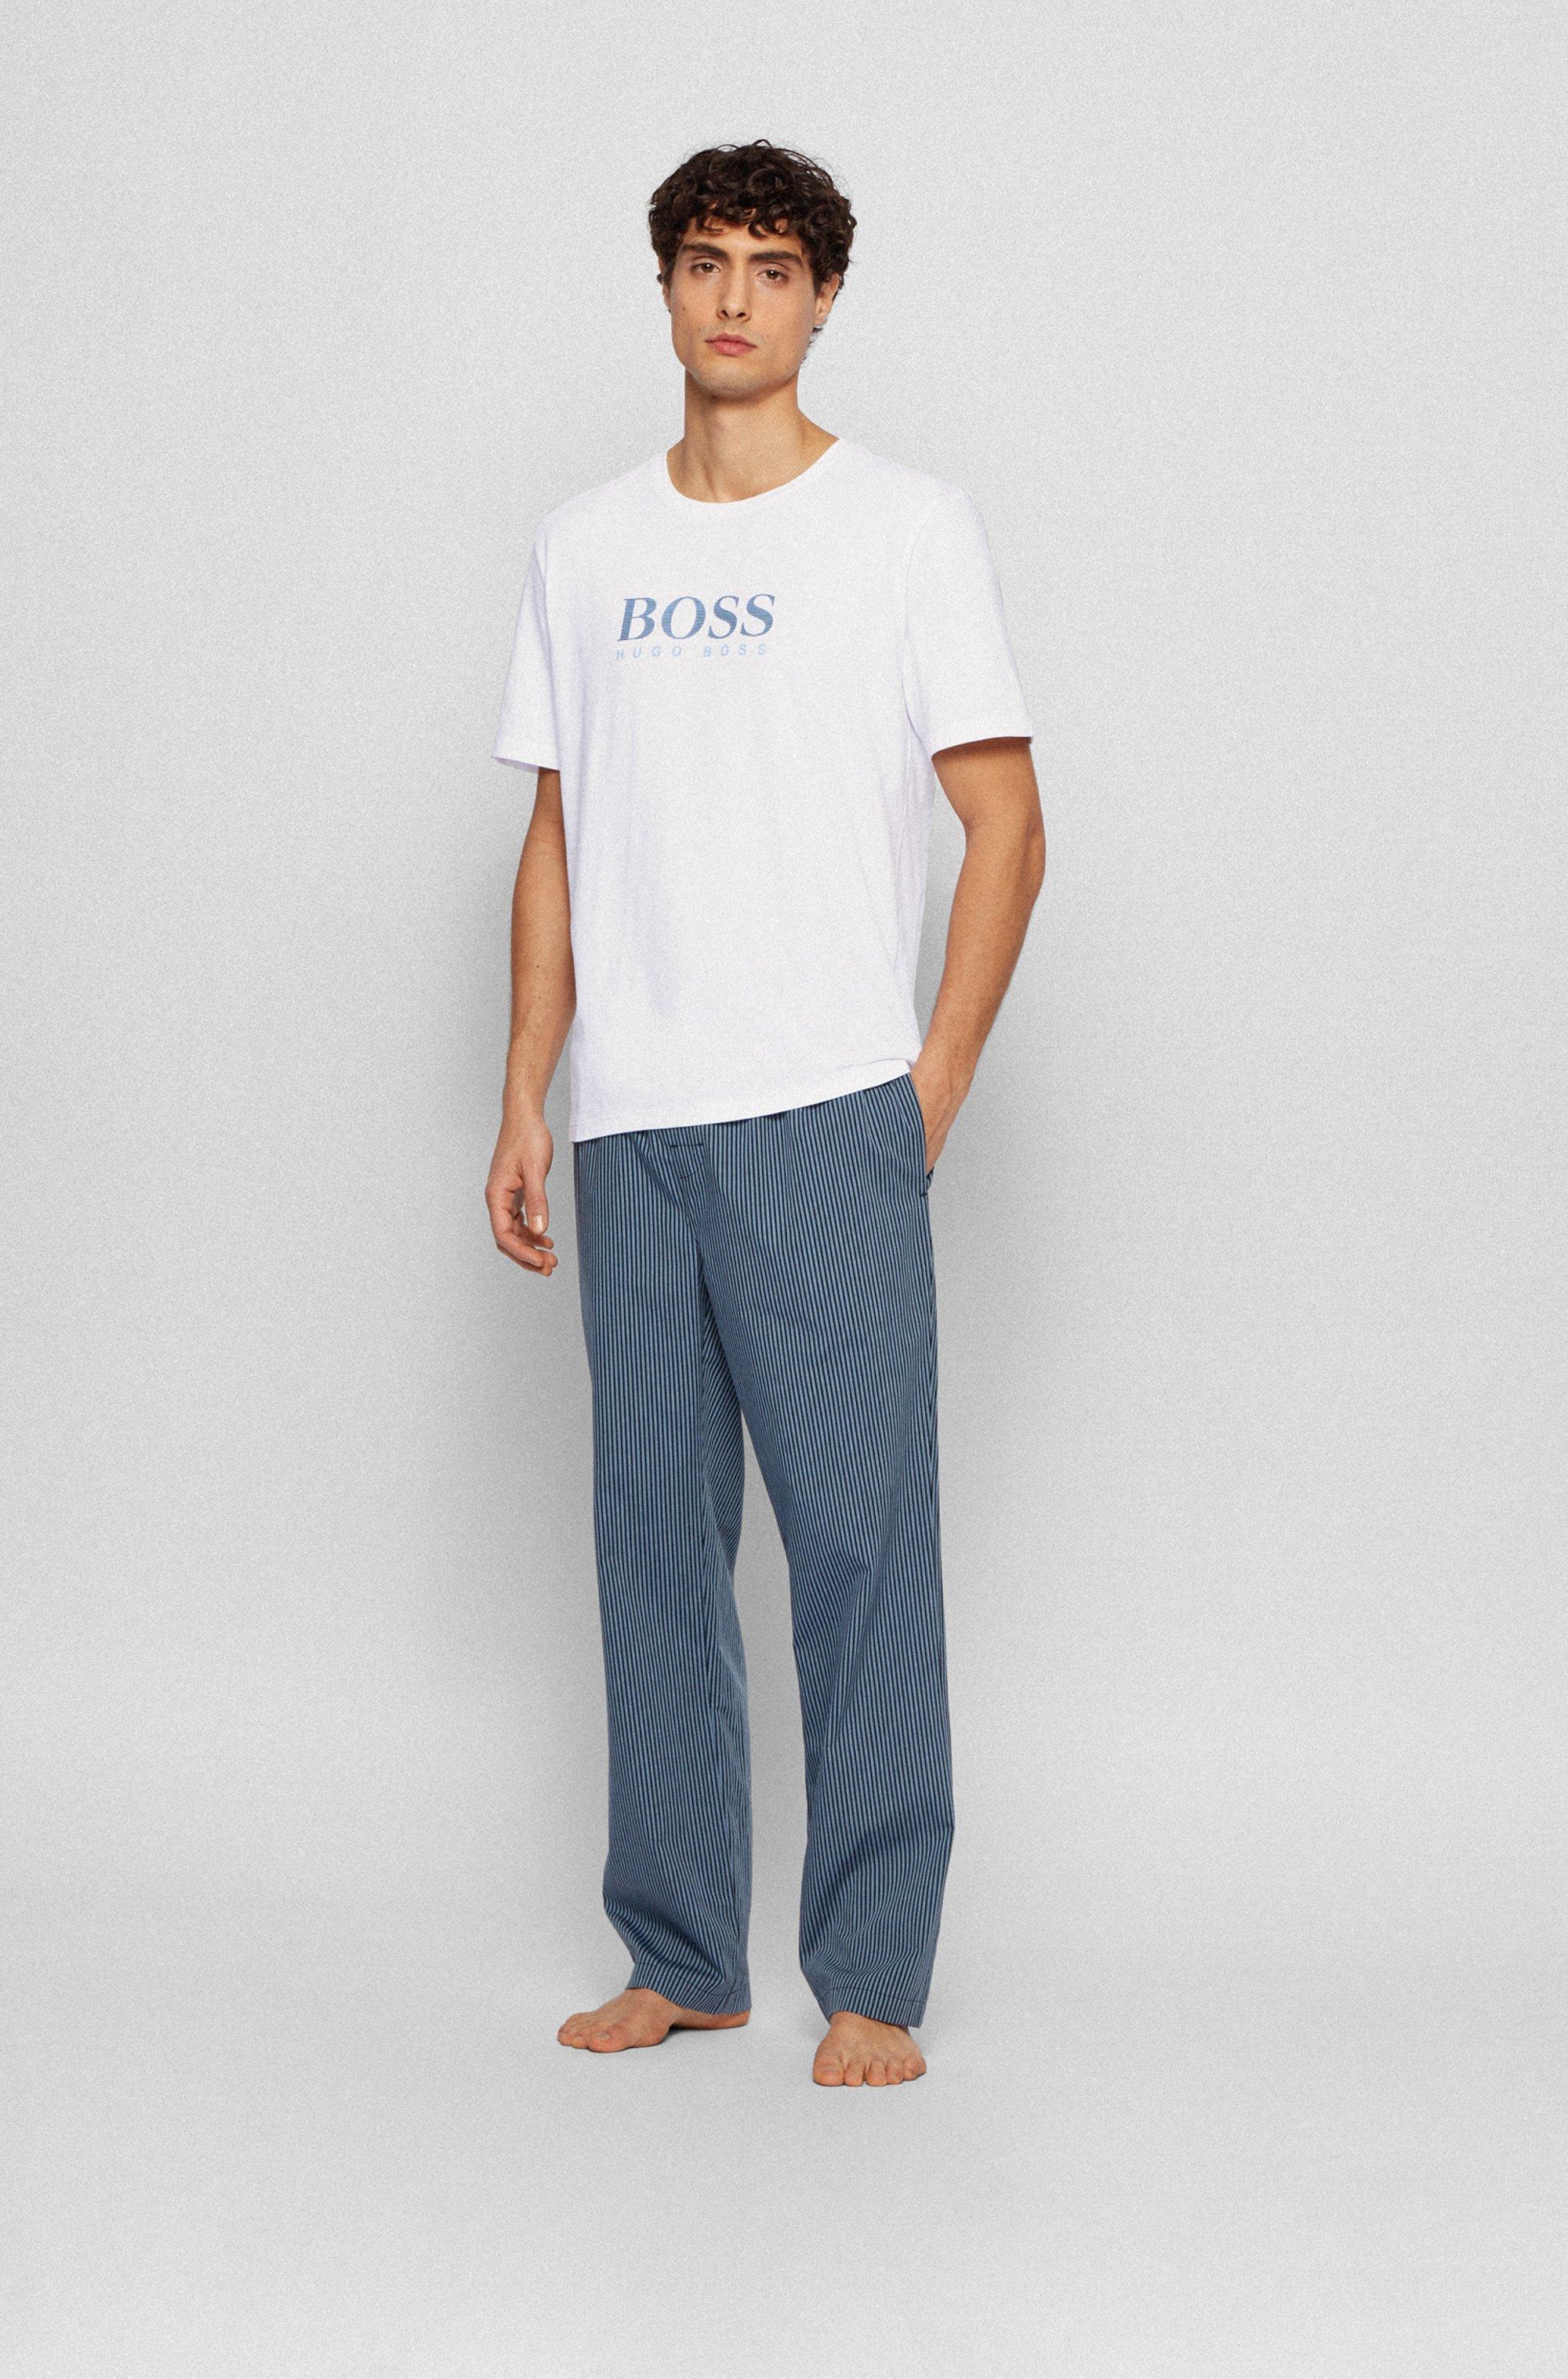 Pyjama-Shirt aus elastischer Baumwolle